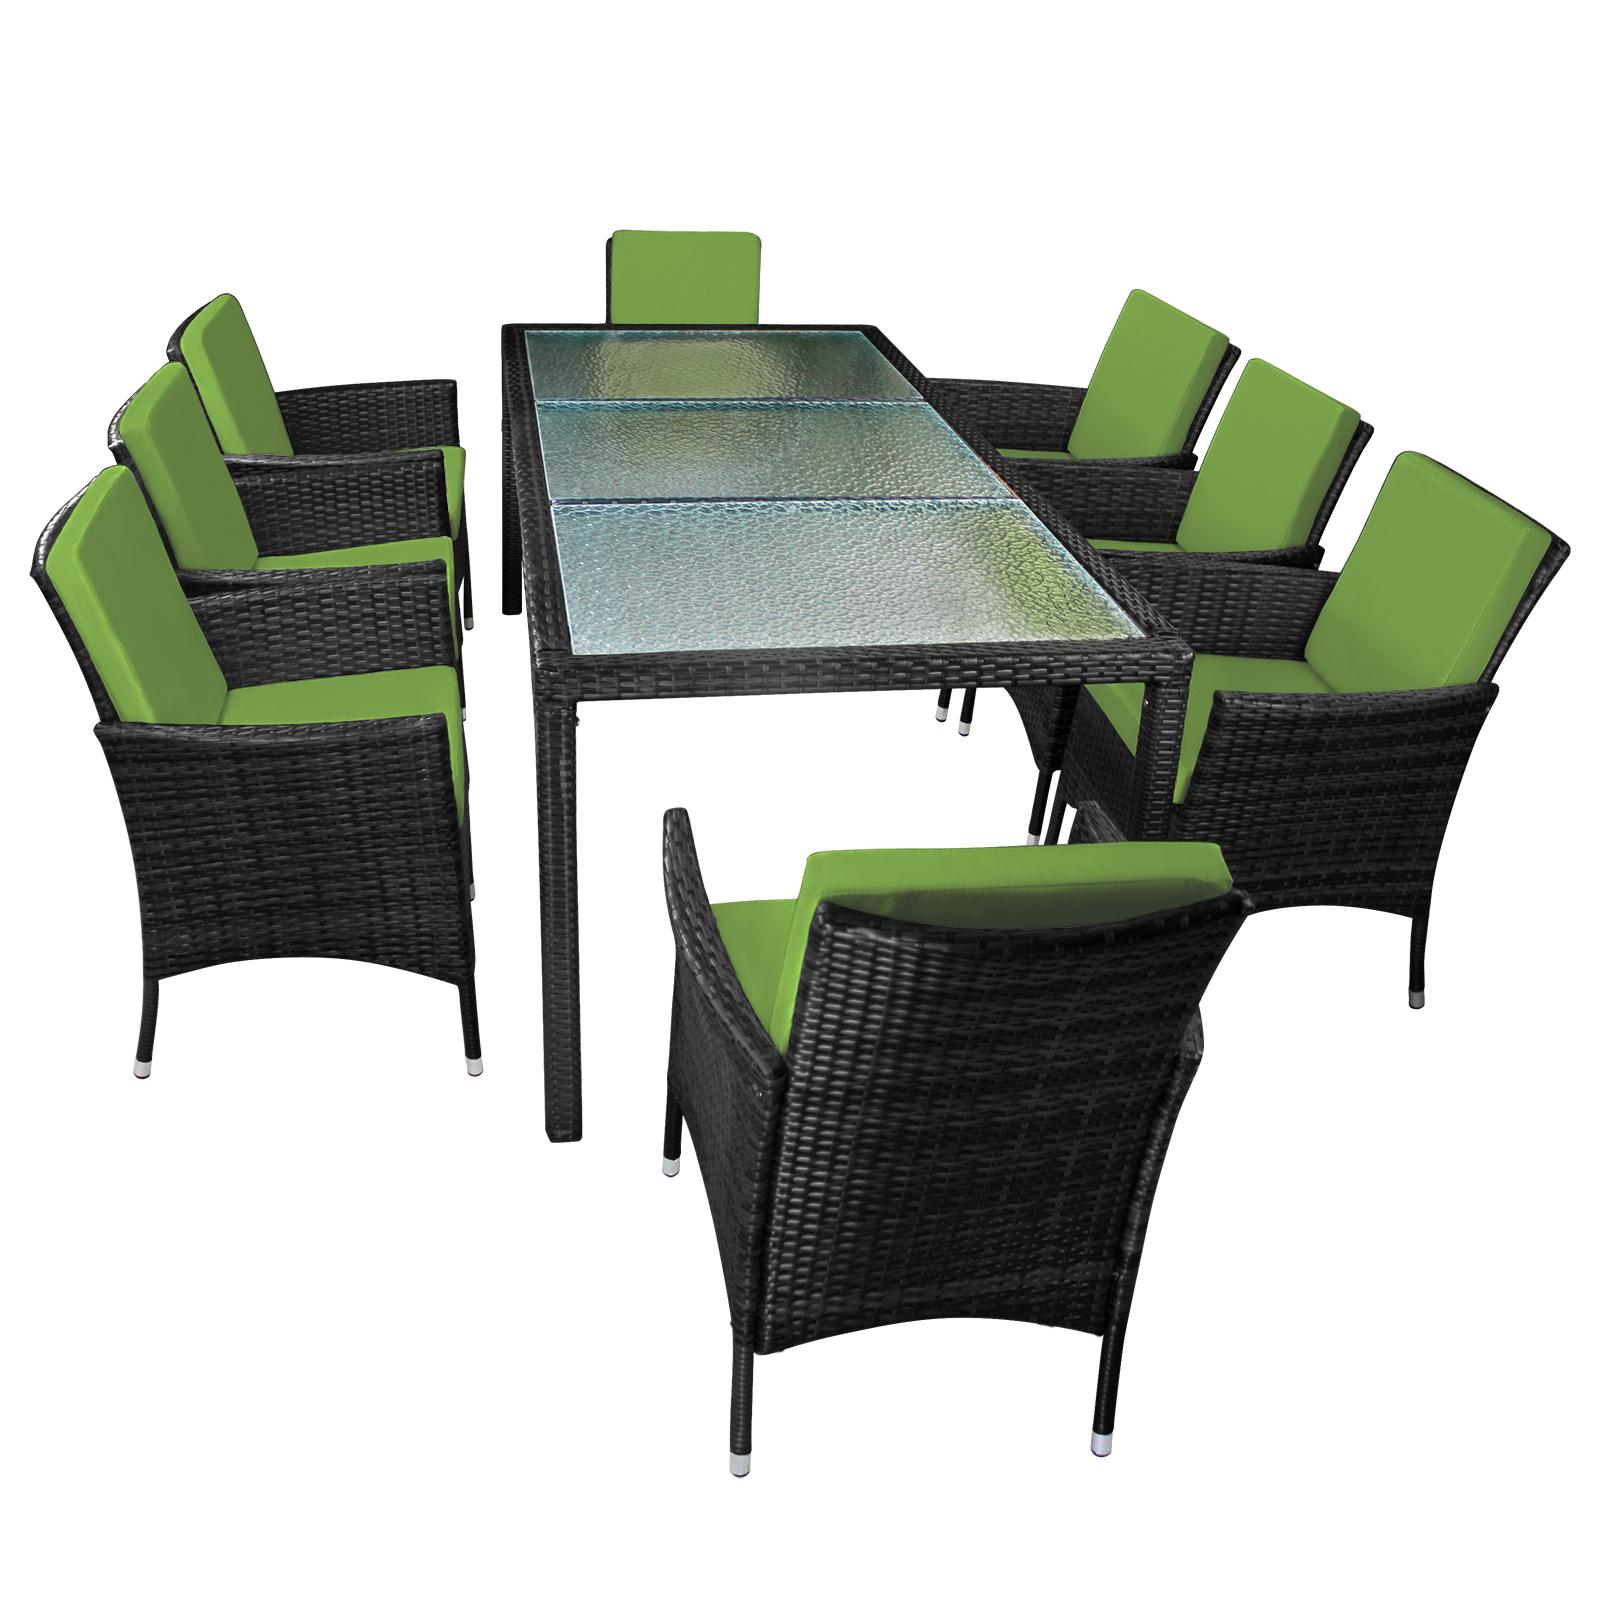 25 teilige polyrattan essgruppe f r 8 personen von bb sport. Black Bedroom Furniture Sets. Home Design Ideas